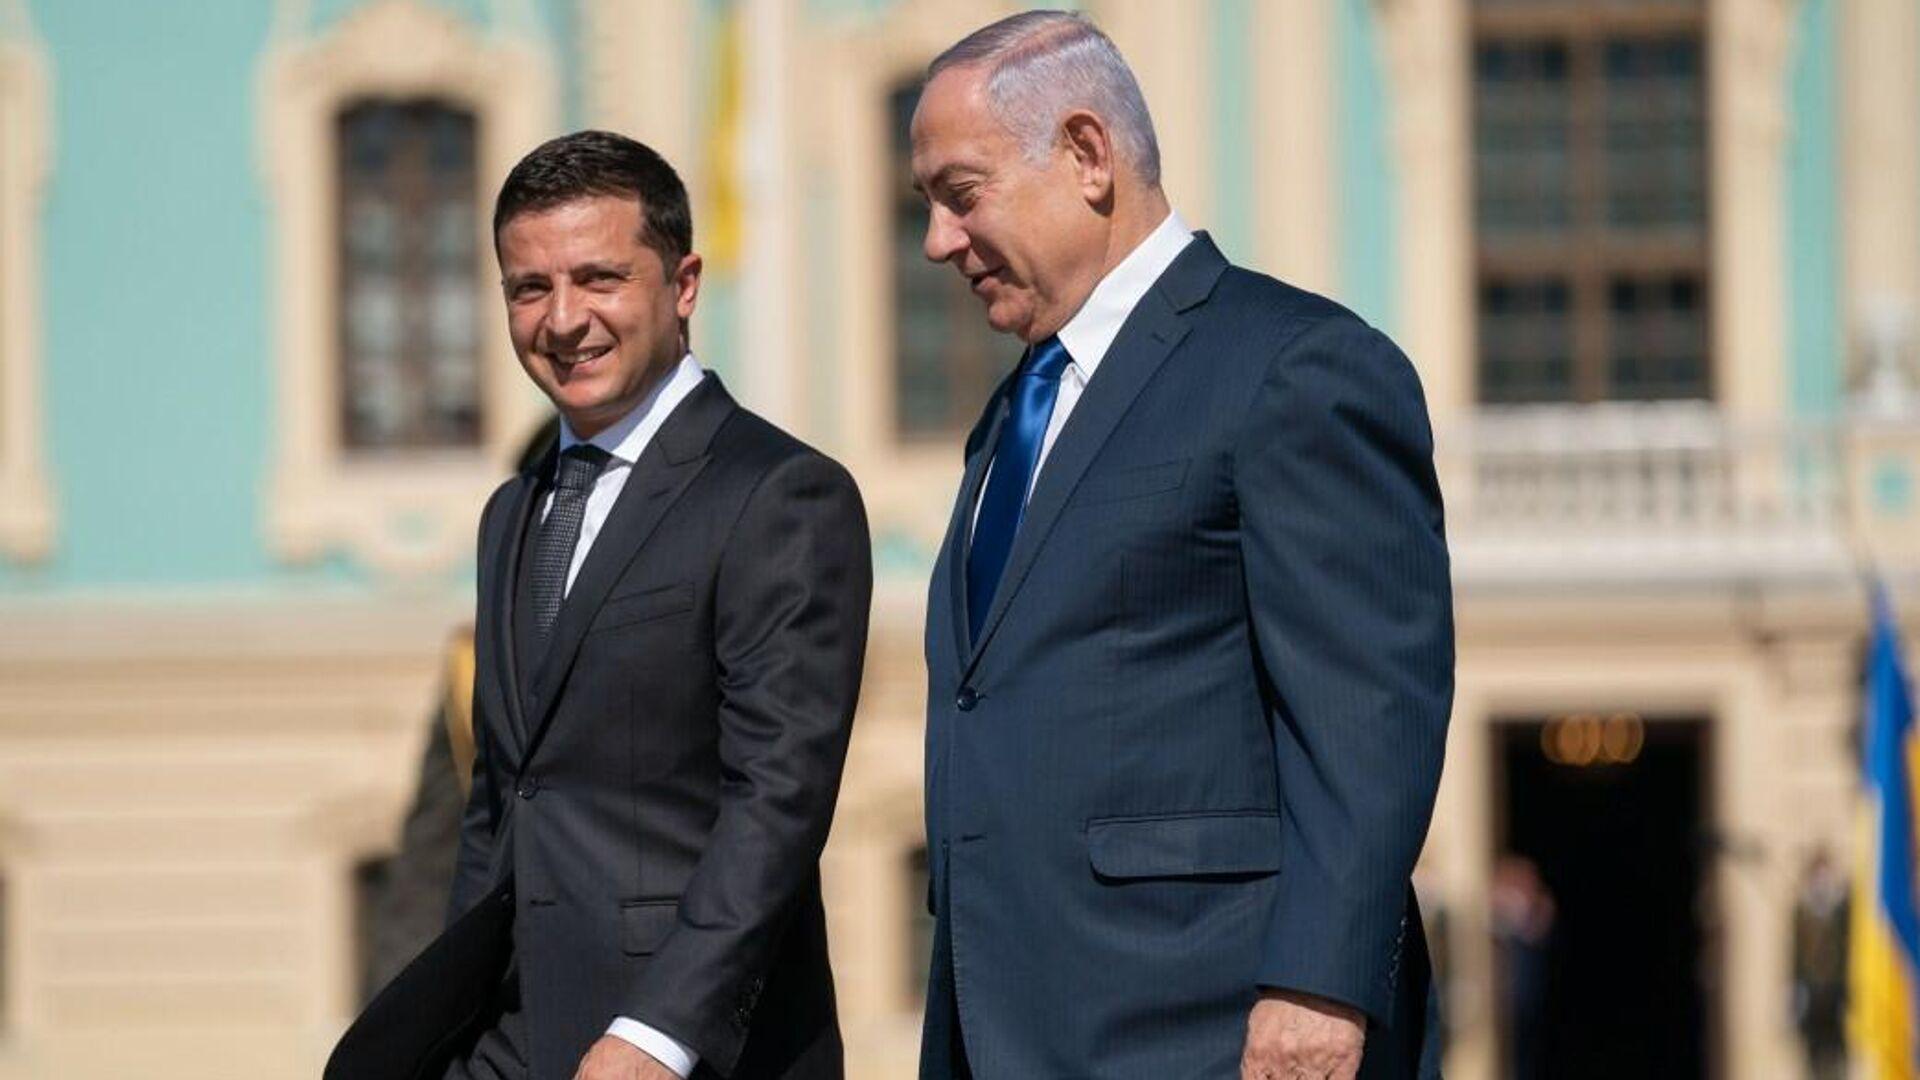 Президент Украины Владимир Зеленский и премьер-министр Израиля Биньямин Нетаньяху в Киеве - РИА Новости, 1920, 24.11.2020